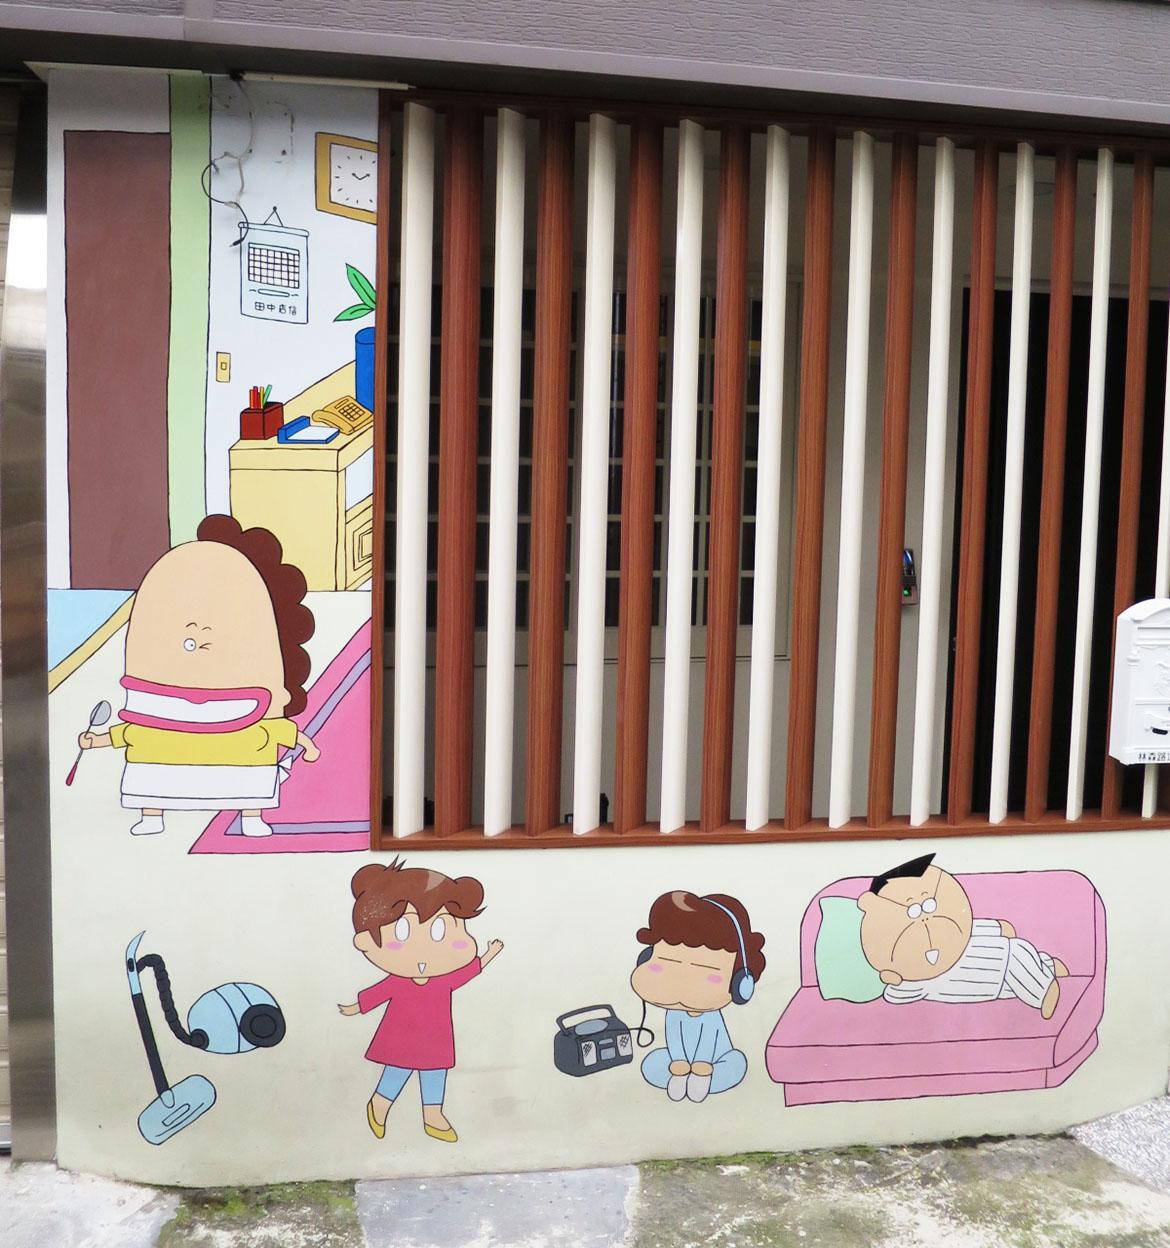 動漫巷 animation lane